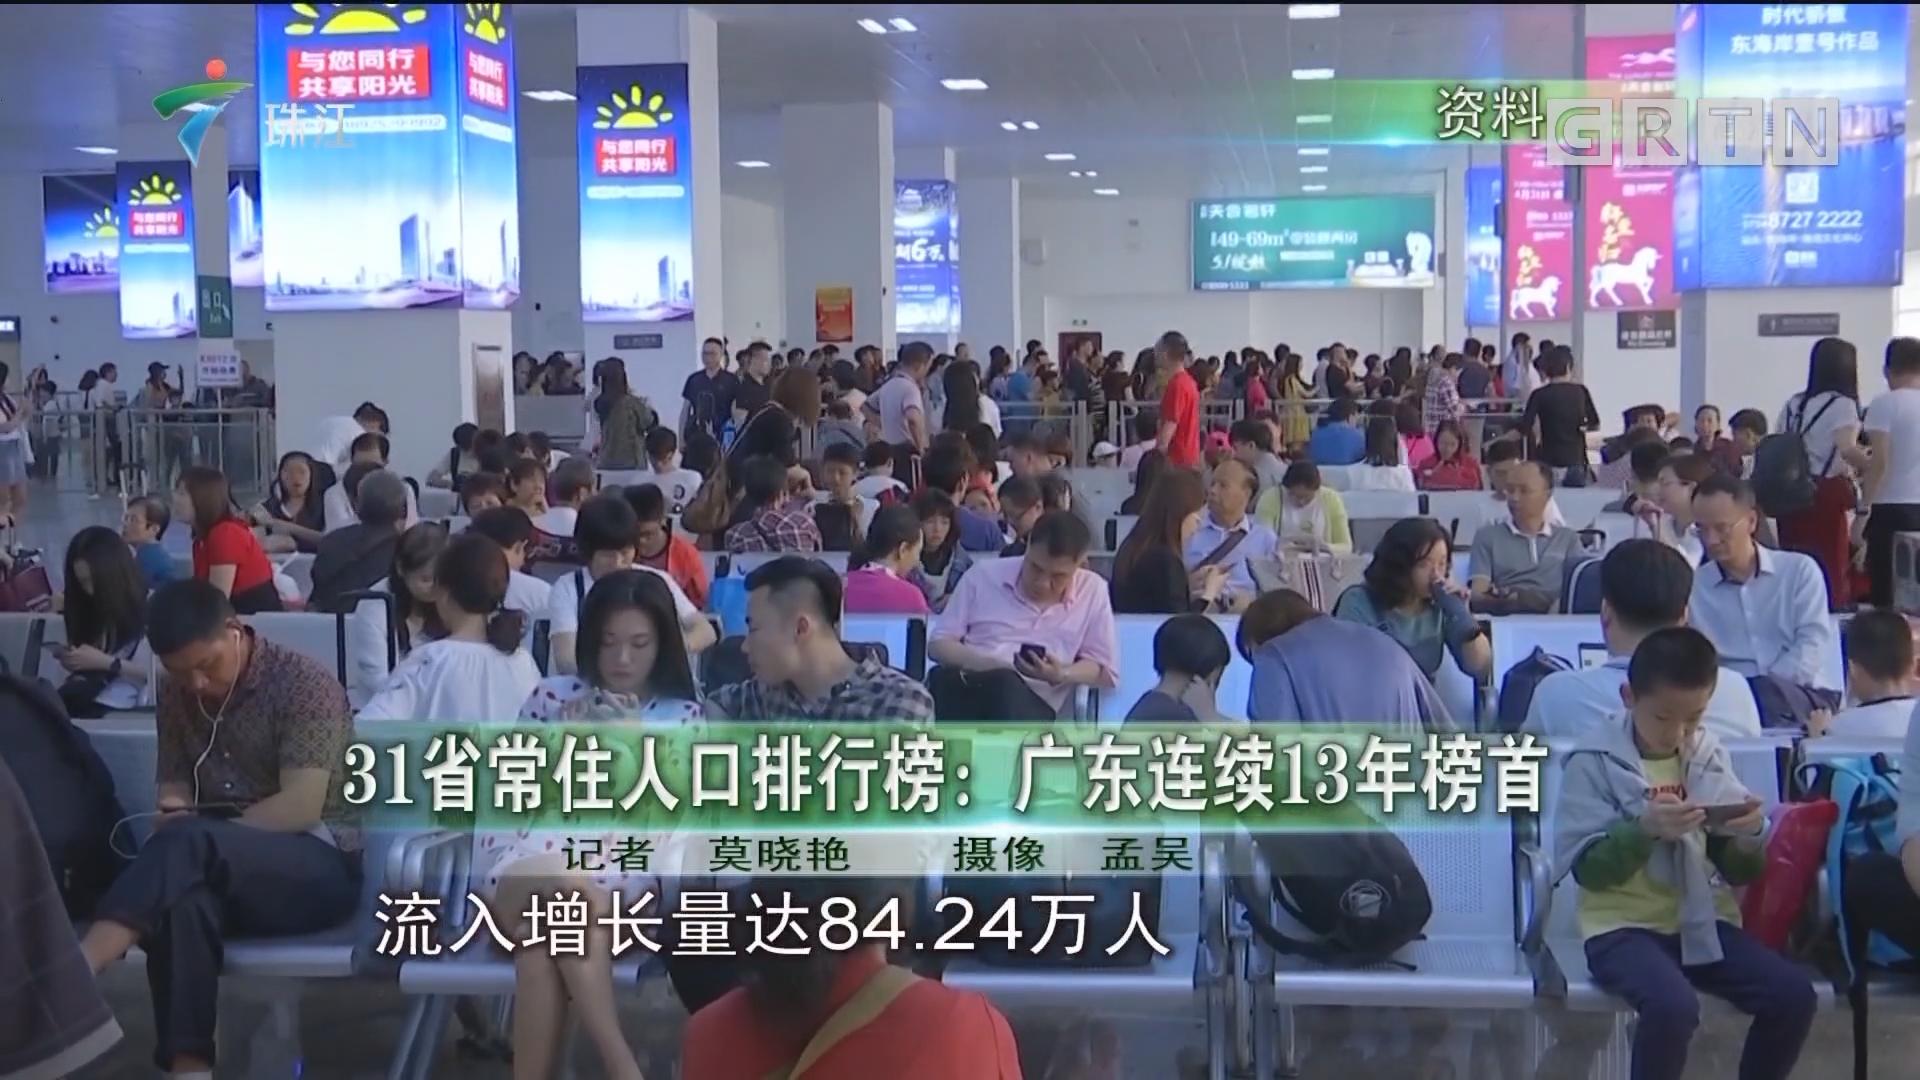 31省常住人口排行榜:manbetx手机版 - 登陆连续13榜首